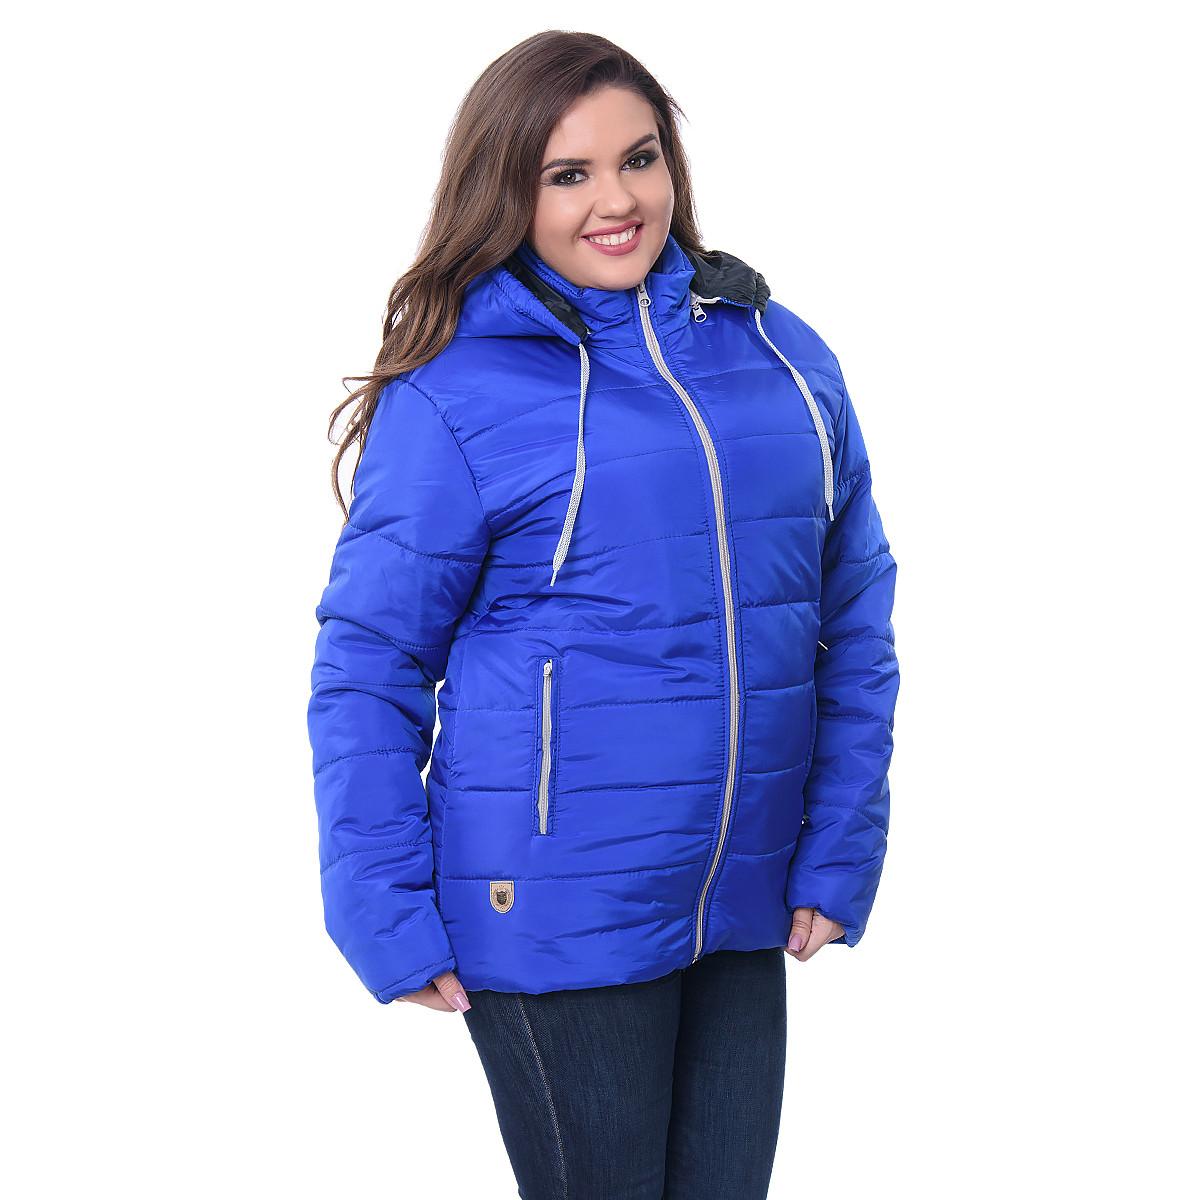 679b7e1feff Куртка женская осень весна от производителя K1227G оптом и в розницу ...